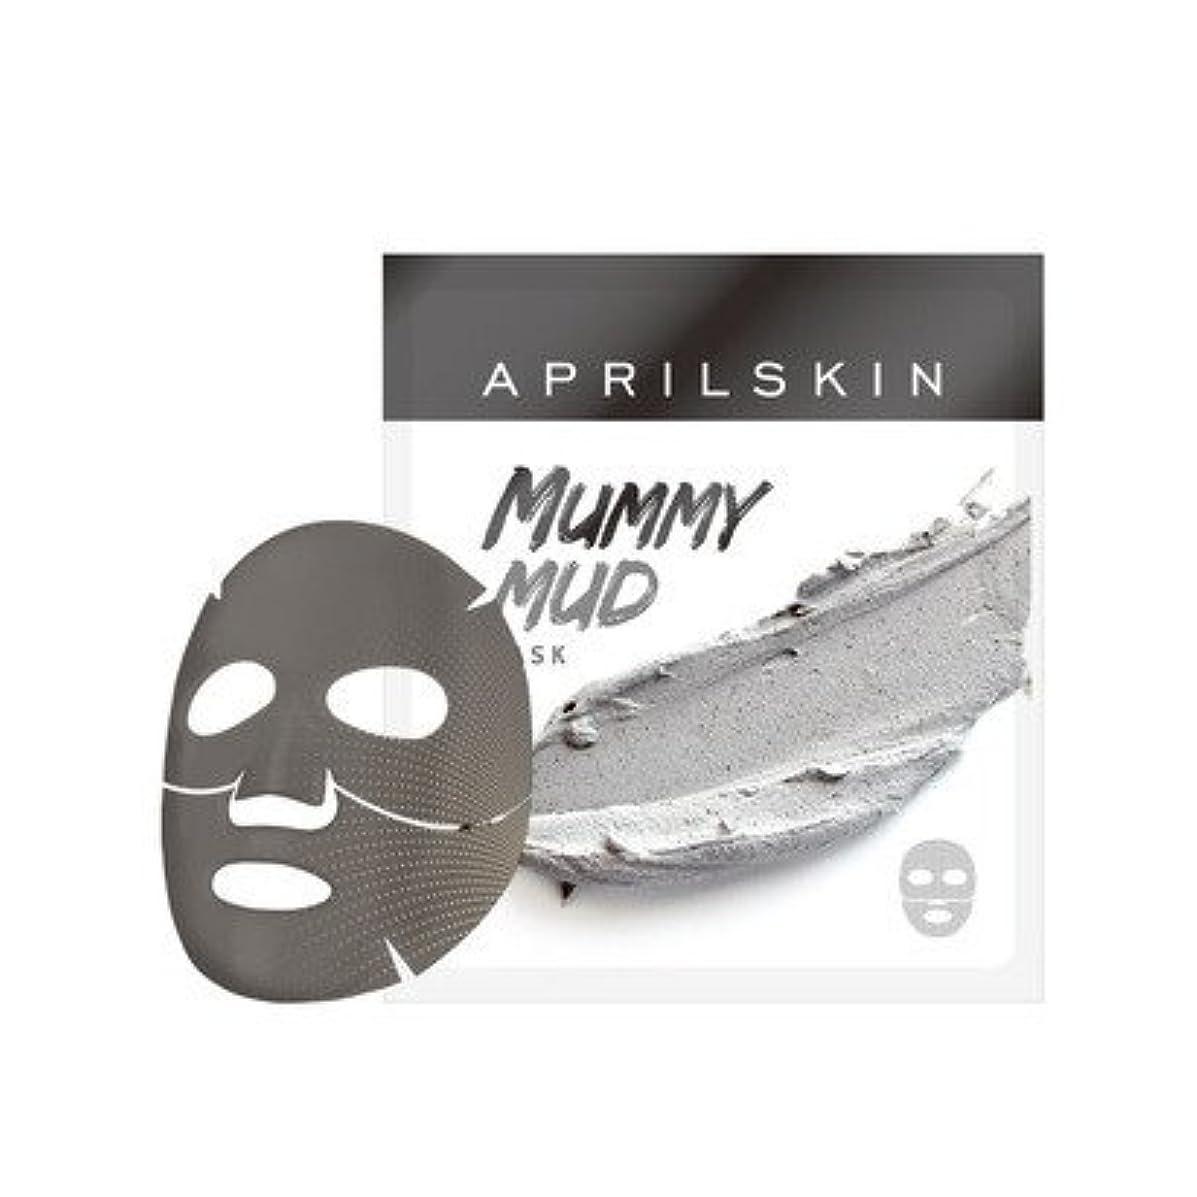 敬意を表する専門用語するAPRILSKIN MUMMY MUD MASK/エイプリルスキン ミイラ泥マスク 1枚 [並行輸入品]